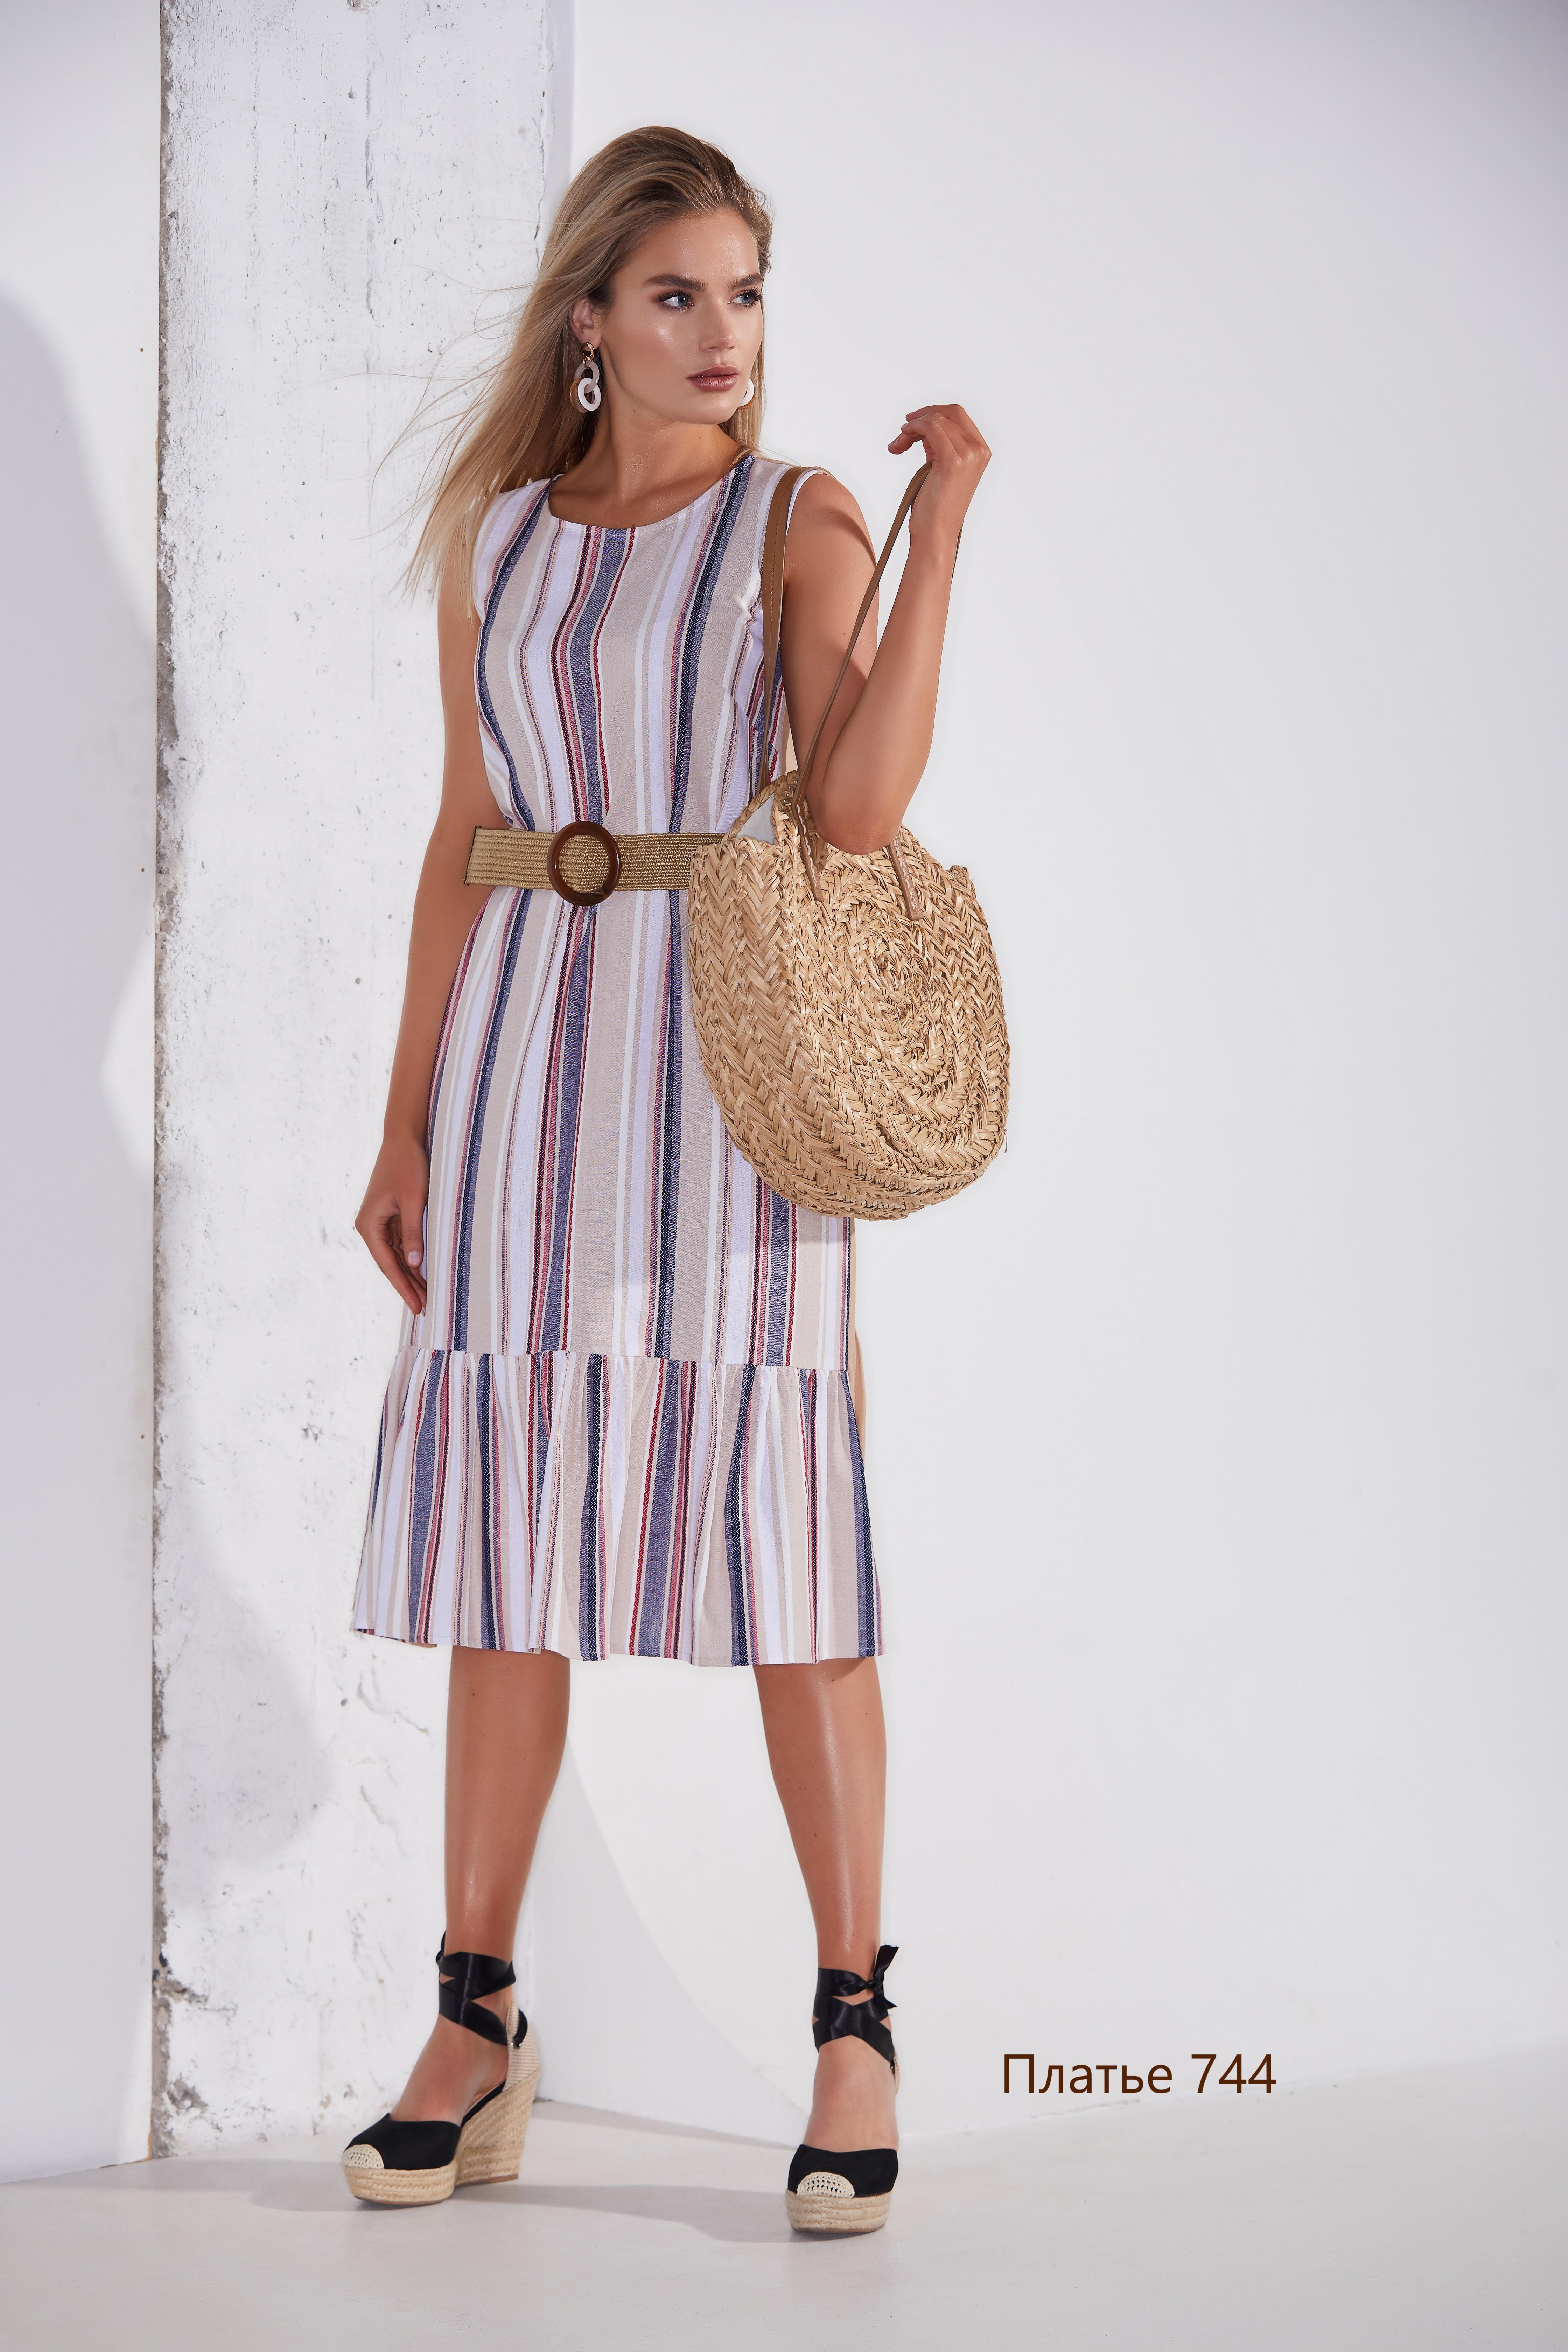 Платье 744 (2)